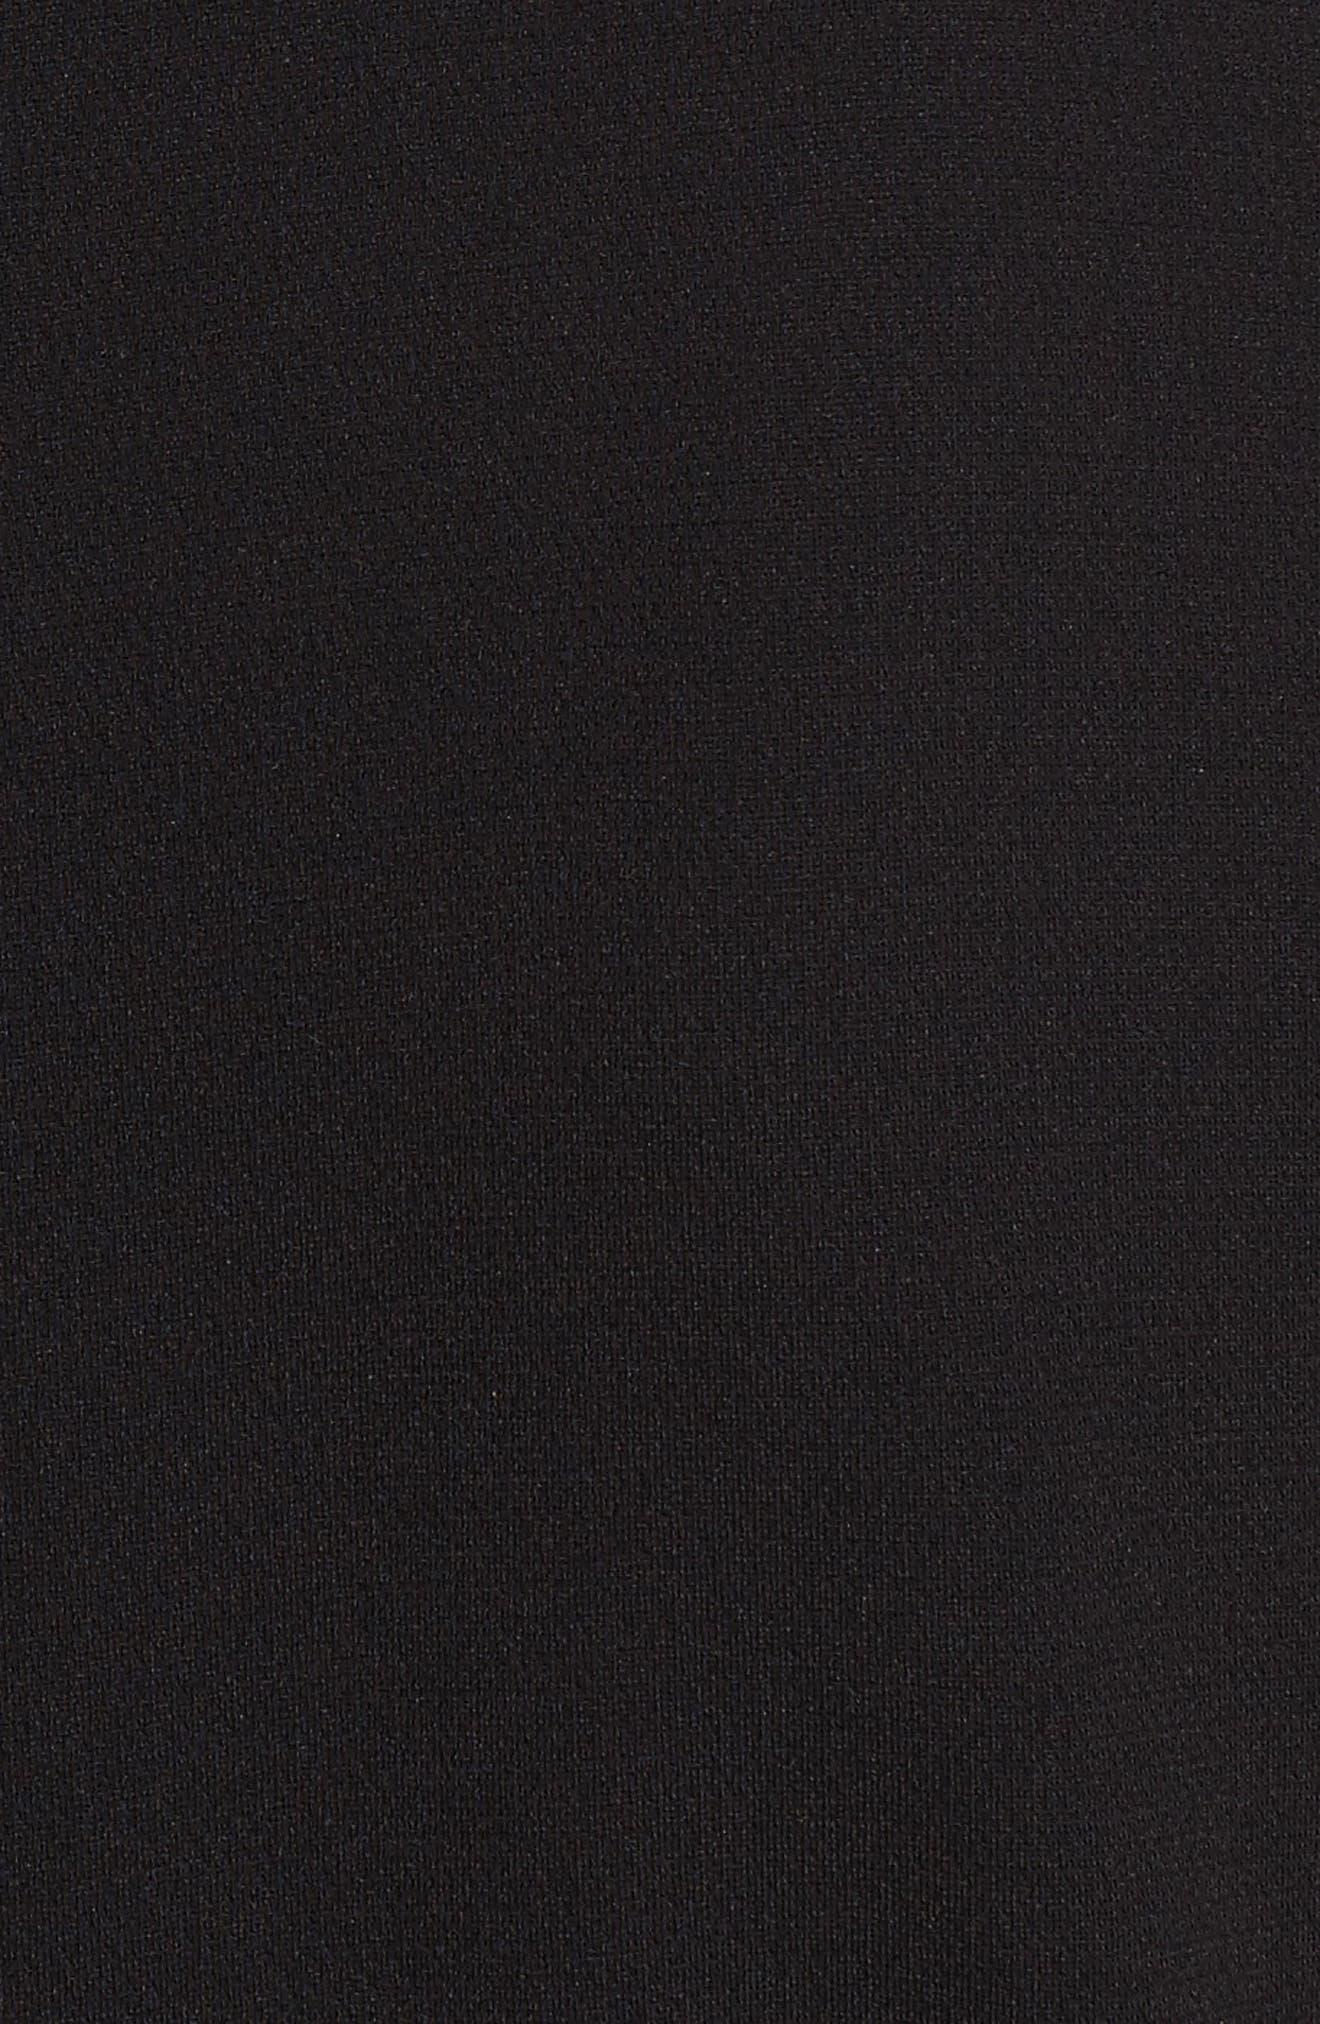 Desza Belted Admiral Crepe Fit & Flare Dress,                             Alternate thumbnail 5, color,                             Black